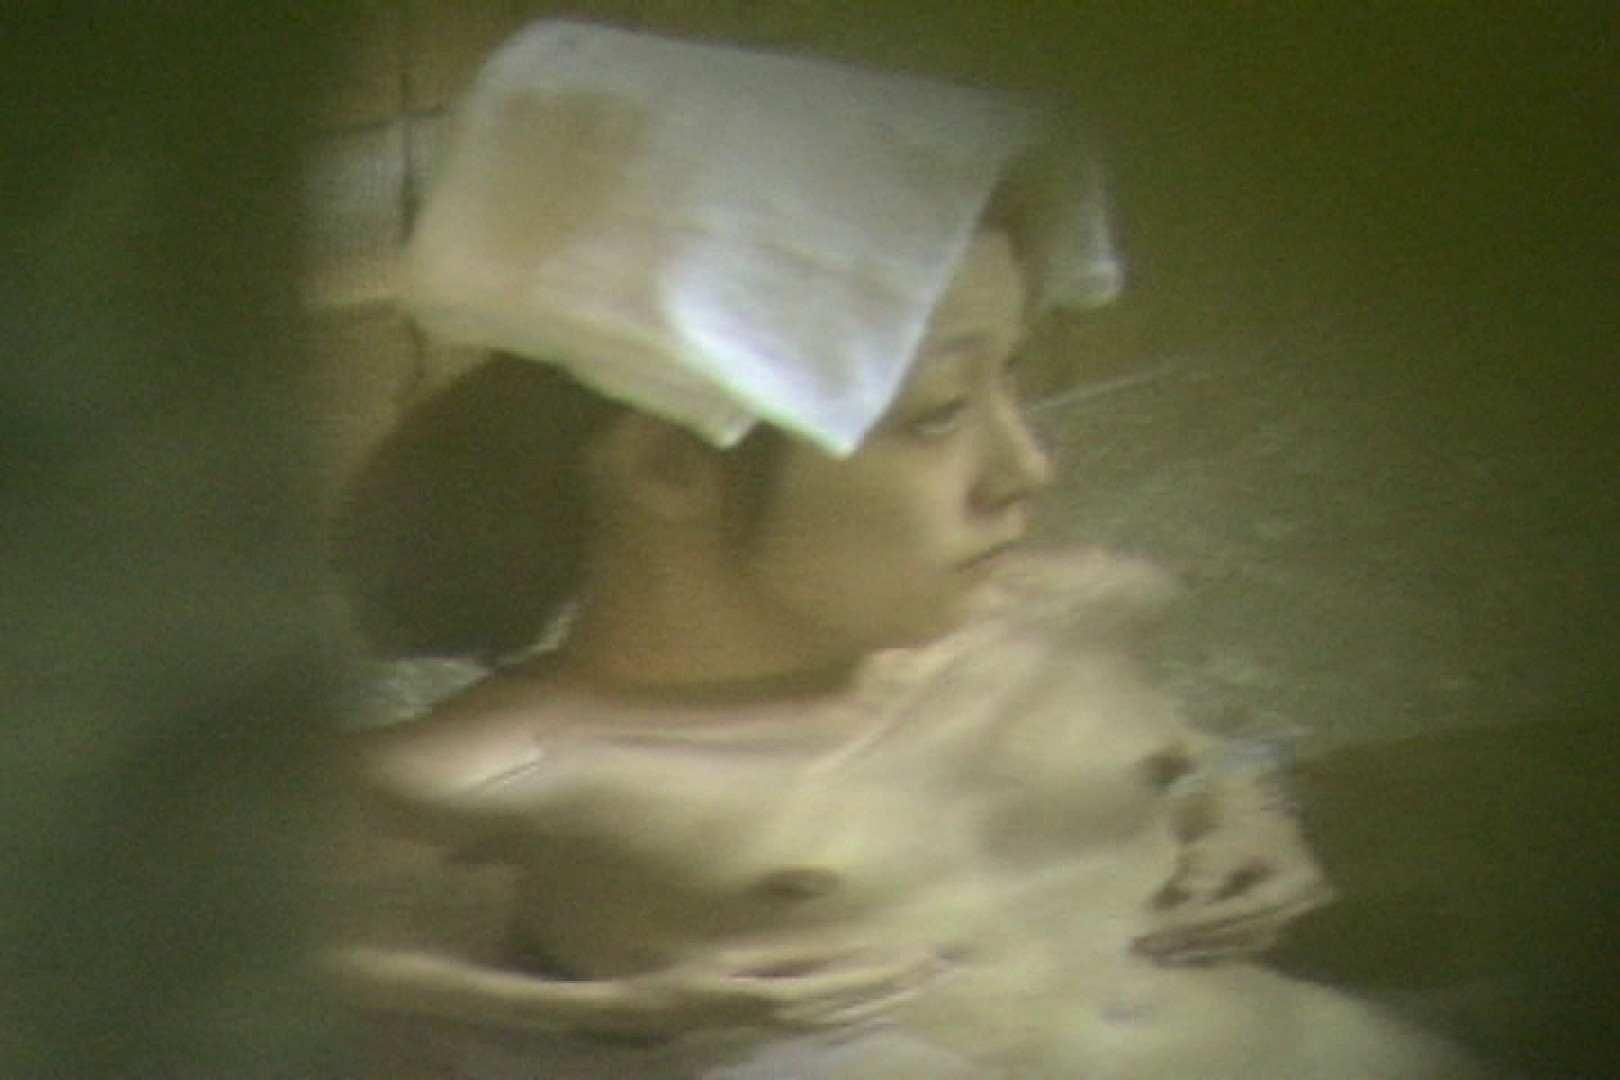 Aquaな露天風呂Vol.701 美しいOLの裸体   盗撮師作品  80pic 28